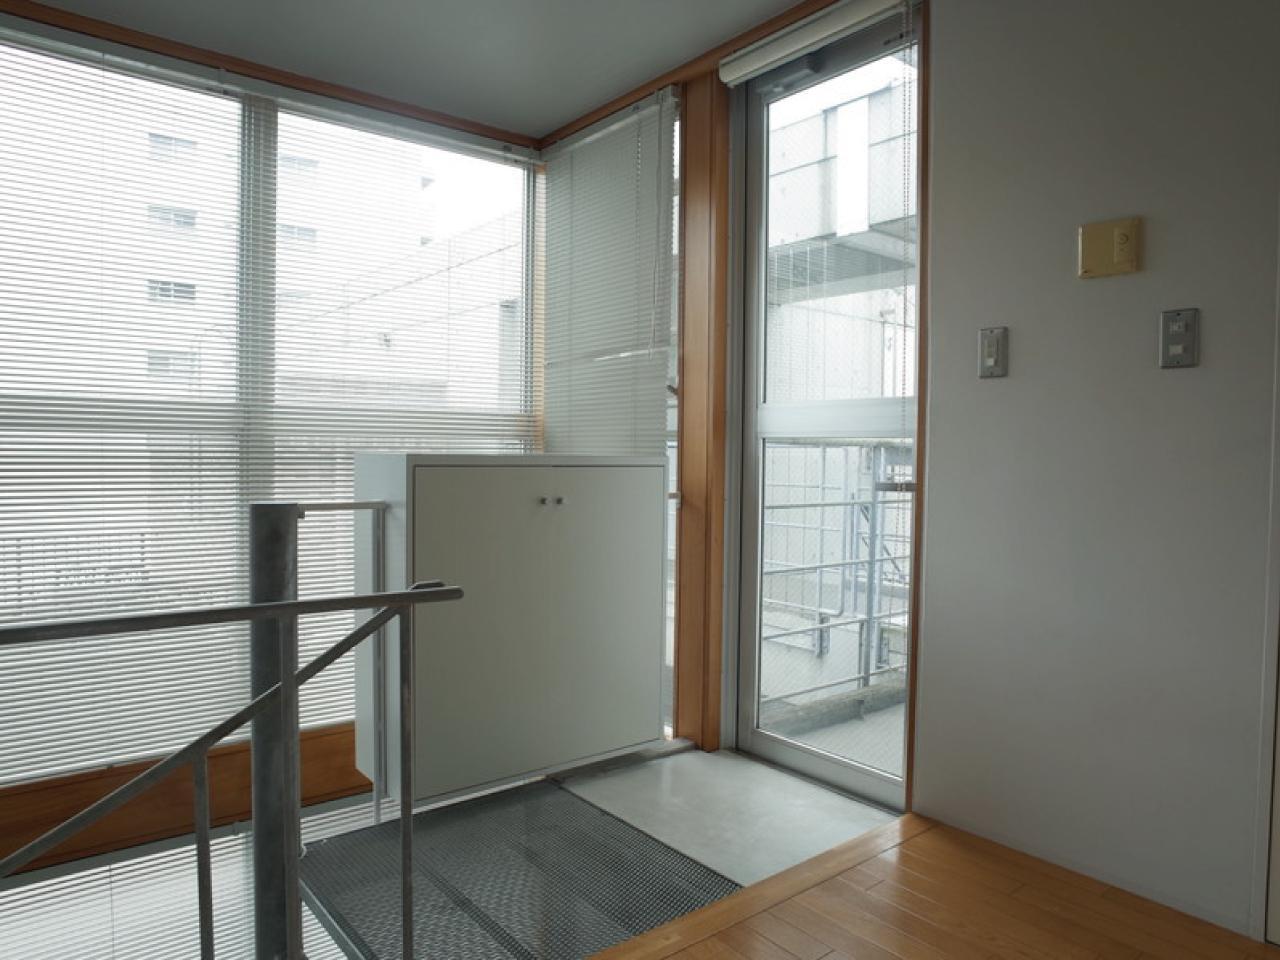 玄関の横には開口部があって、明るい光が差し込みます